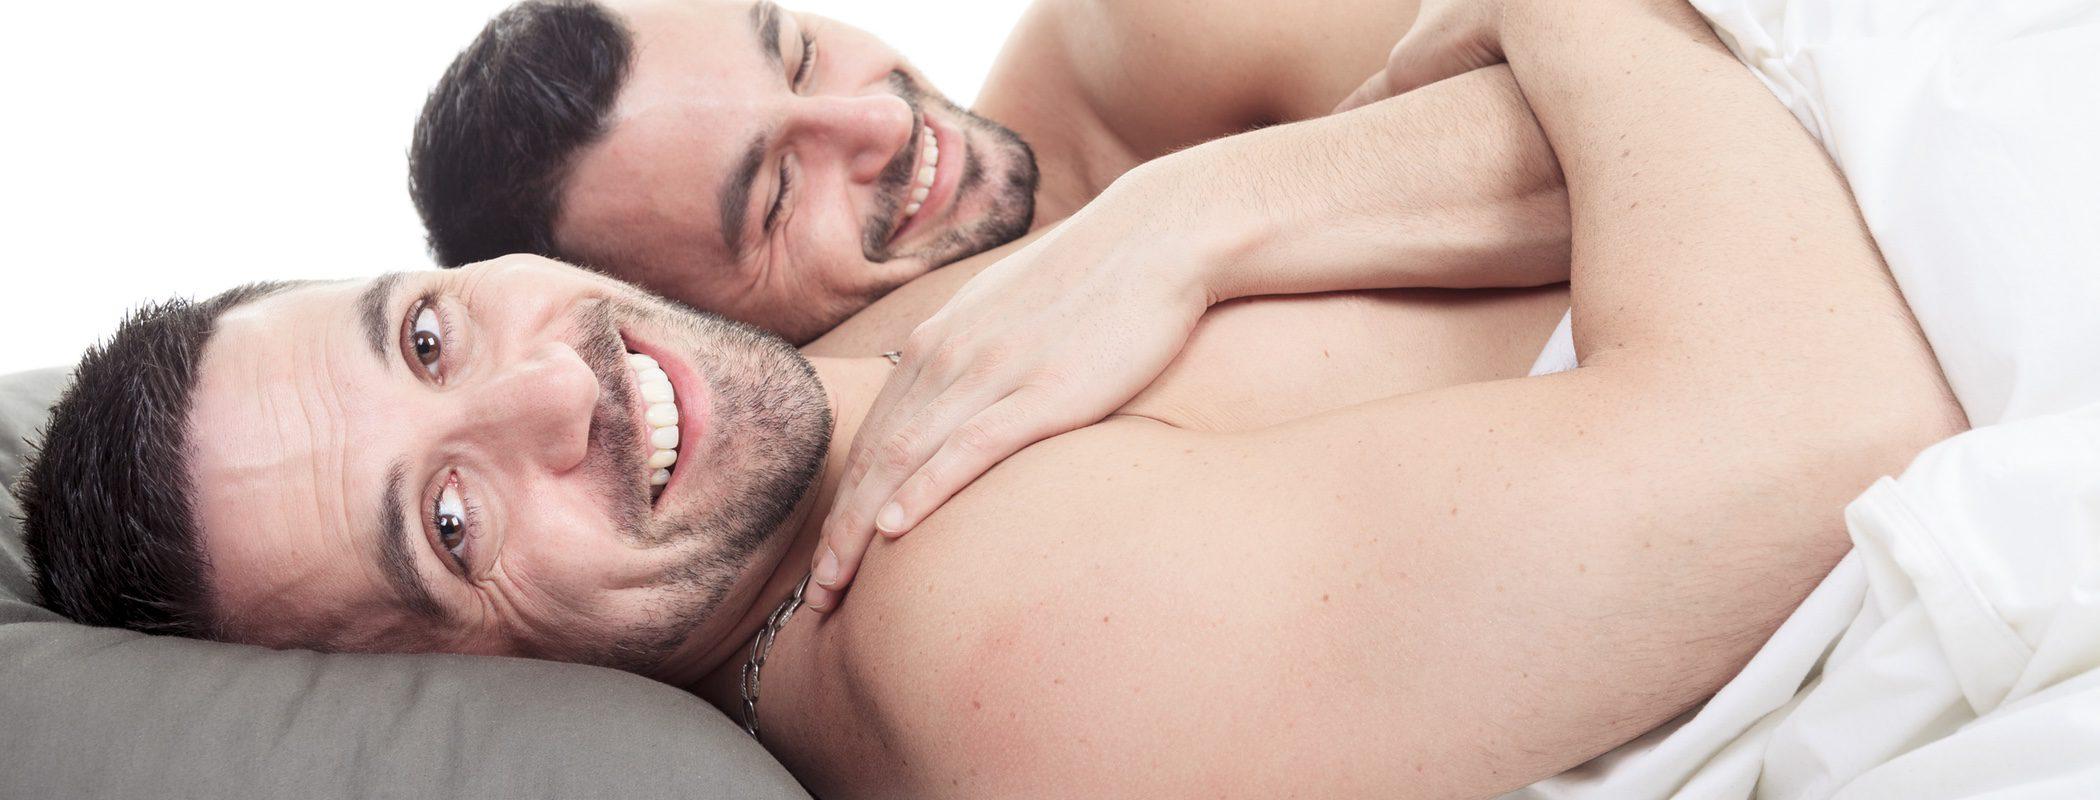 Sexo gay: activo, pasivo o versátil